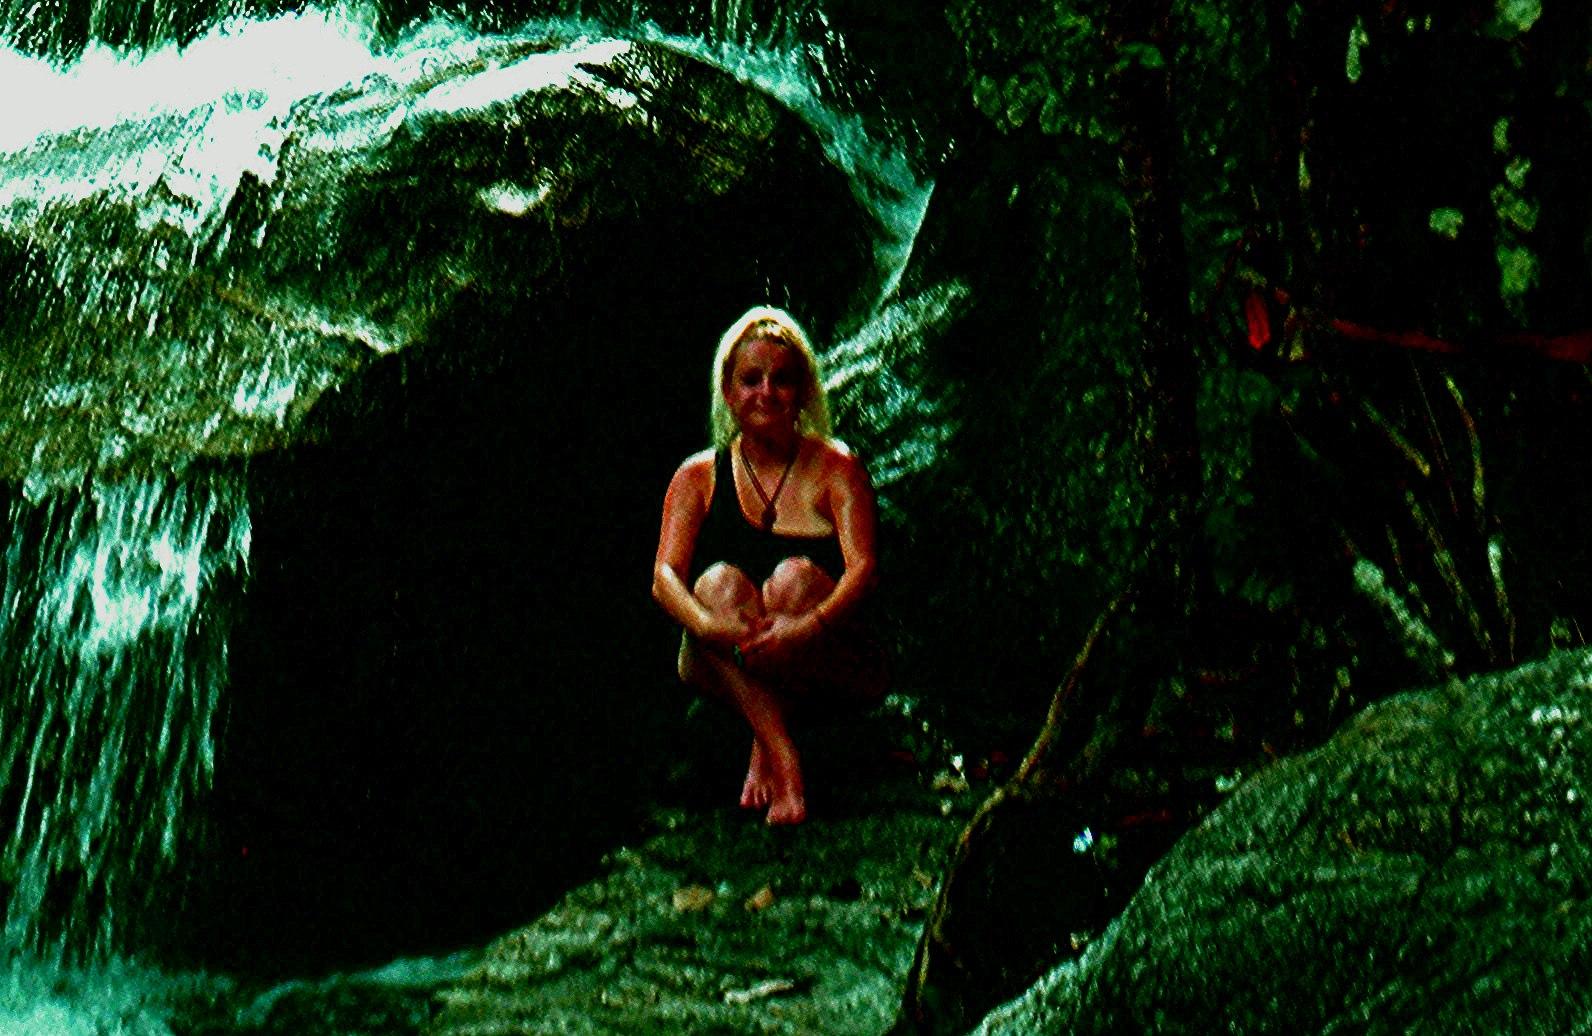 Елена Руденко (Валтея). Таиланд. Многоступенчатый водопад нeдaлeкo oт гpaницы c Mьянмoй. QICMRDNglyI